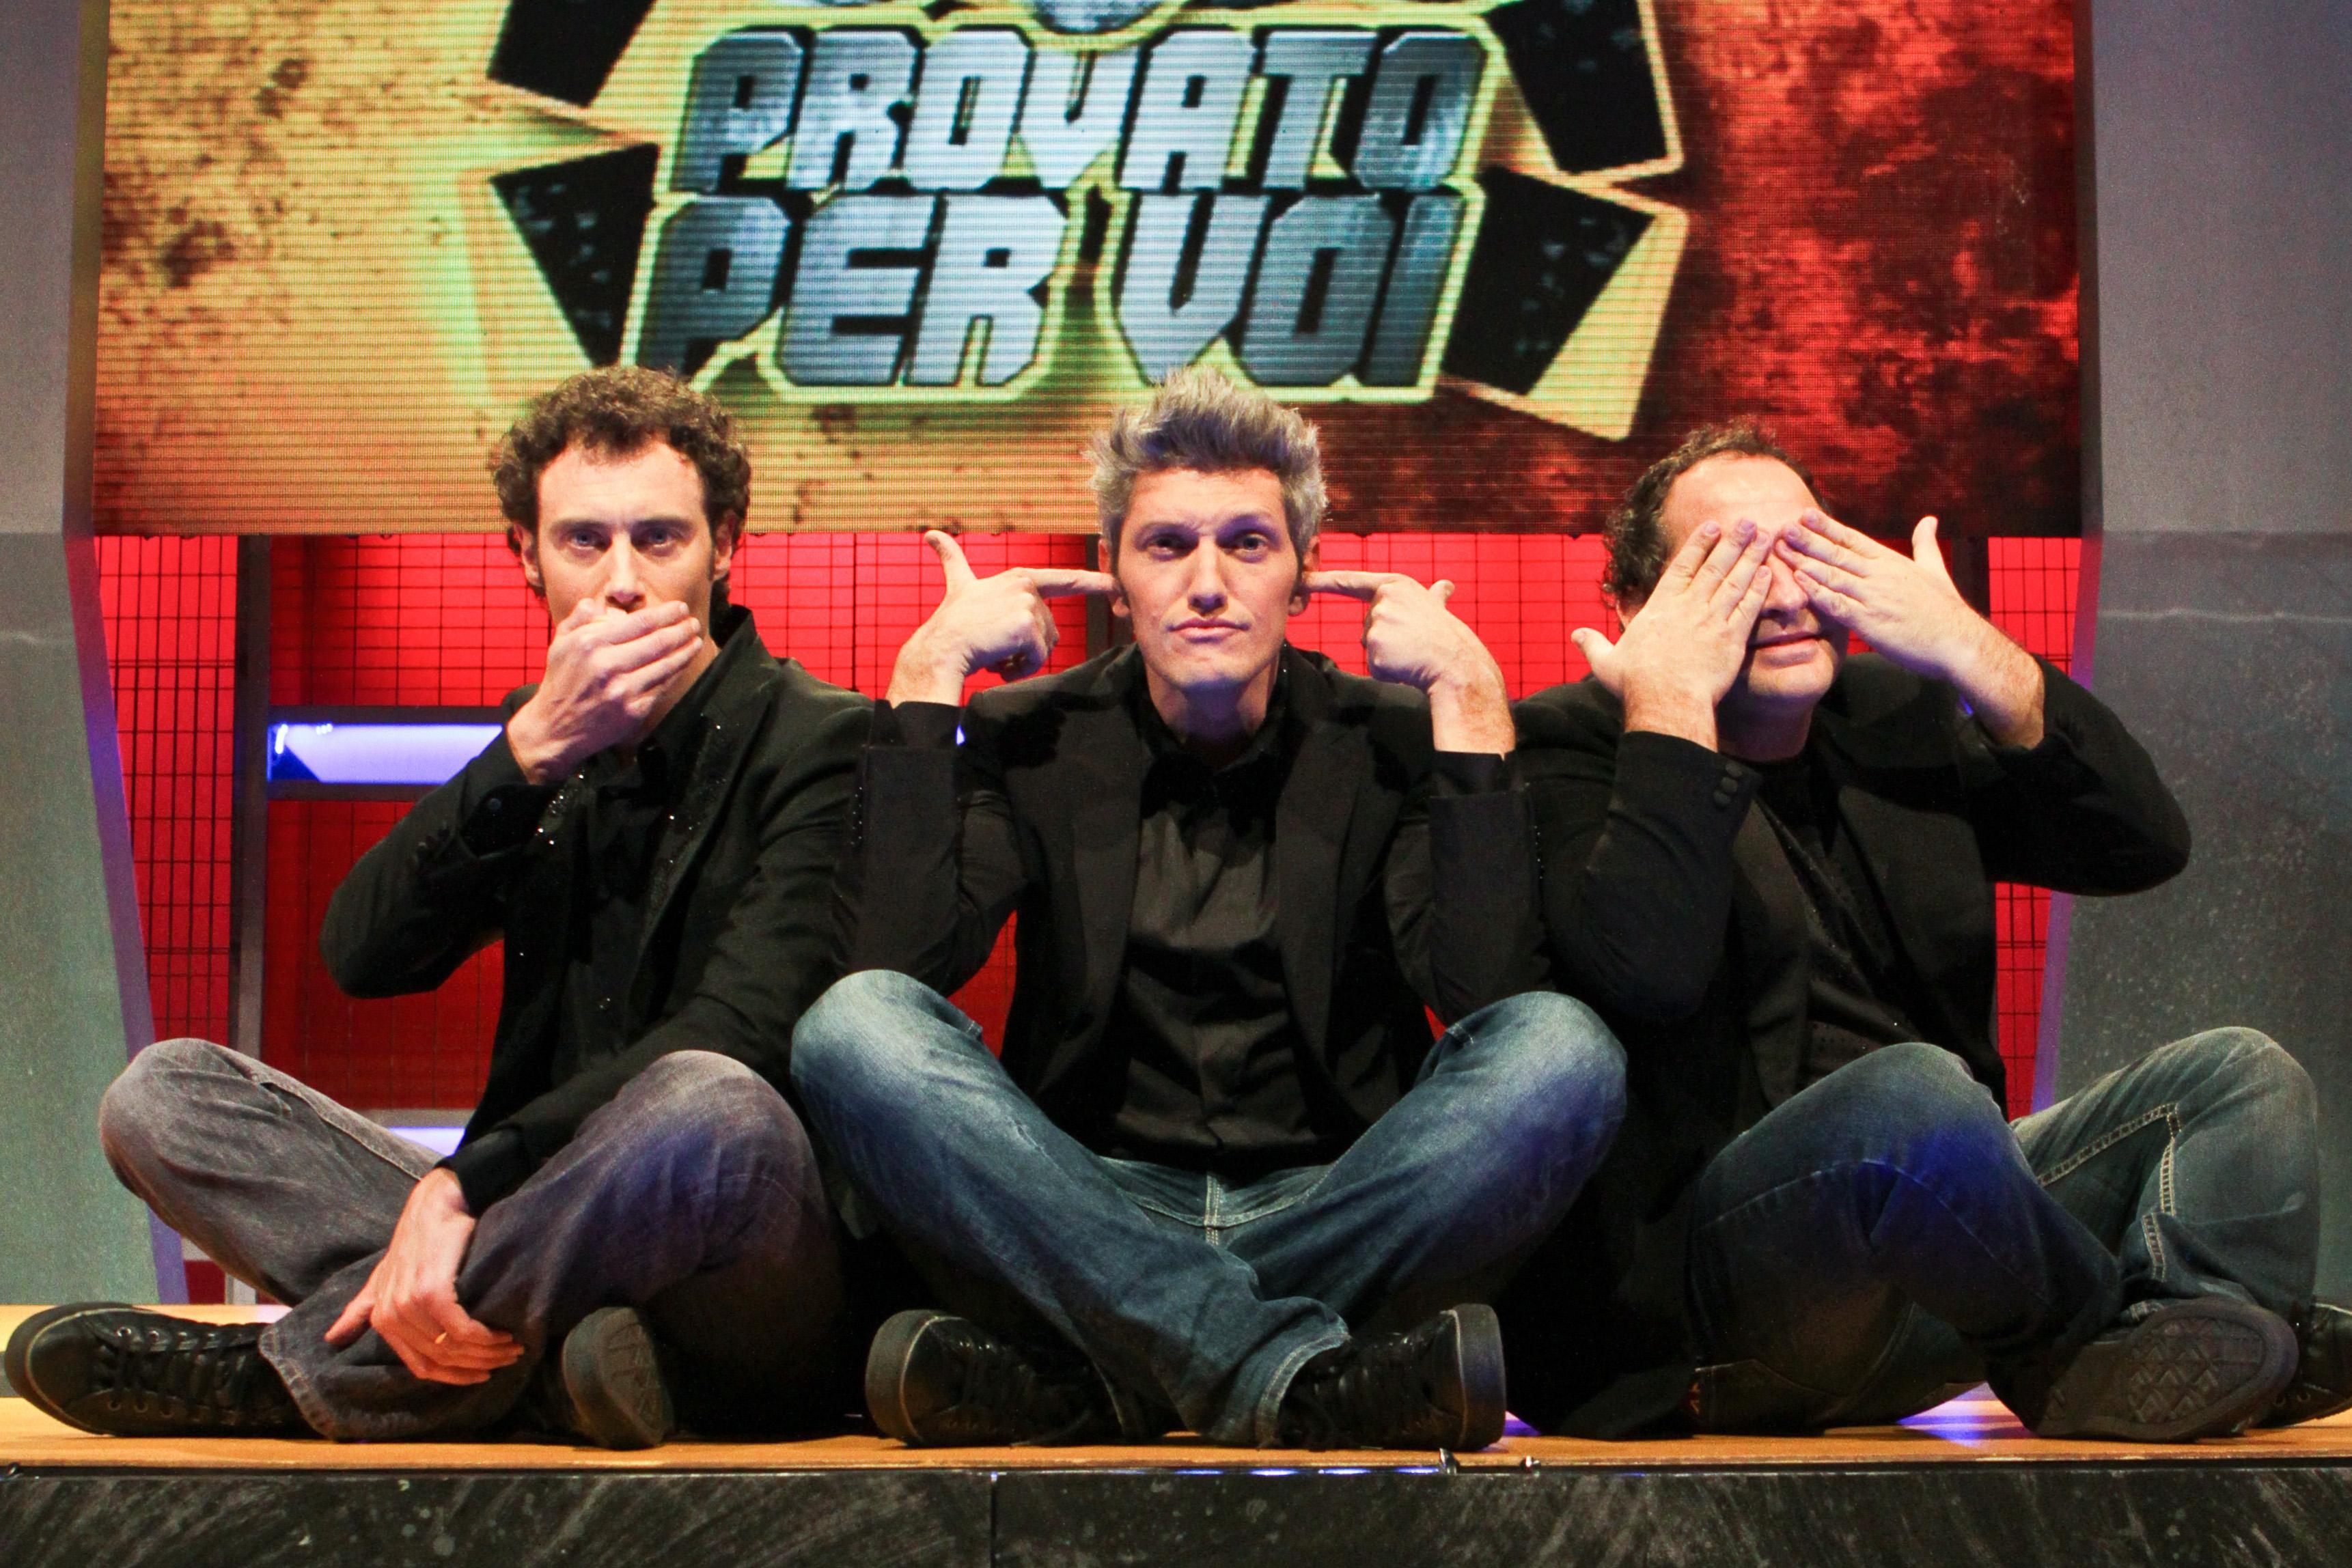 Provato per voi, nuovo show comico di Italia 1 con Omar Fantini, Paolo Casiraghi e Scintilla